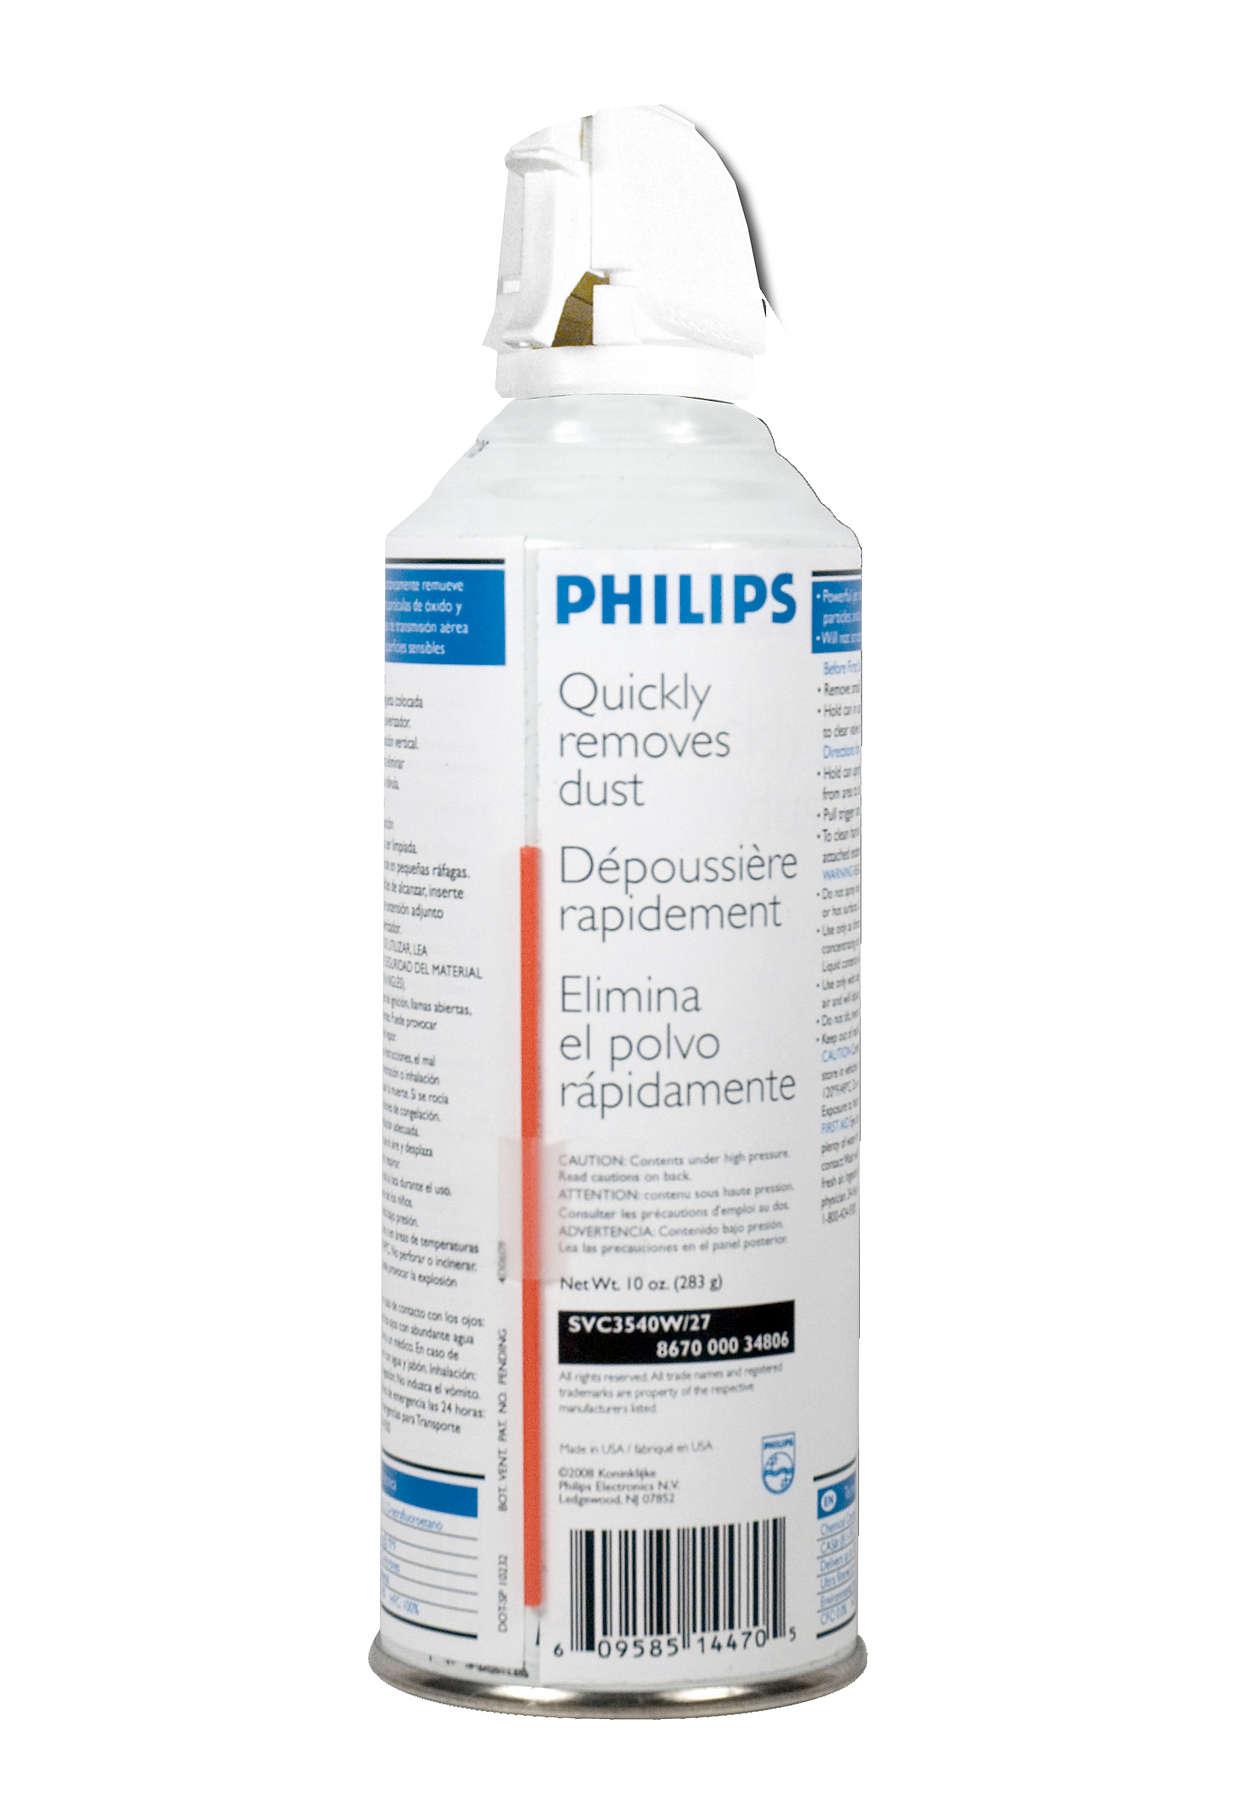 Elimina el polvo con rapidez y seguridad